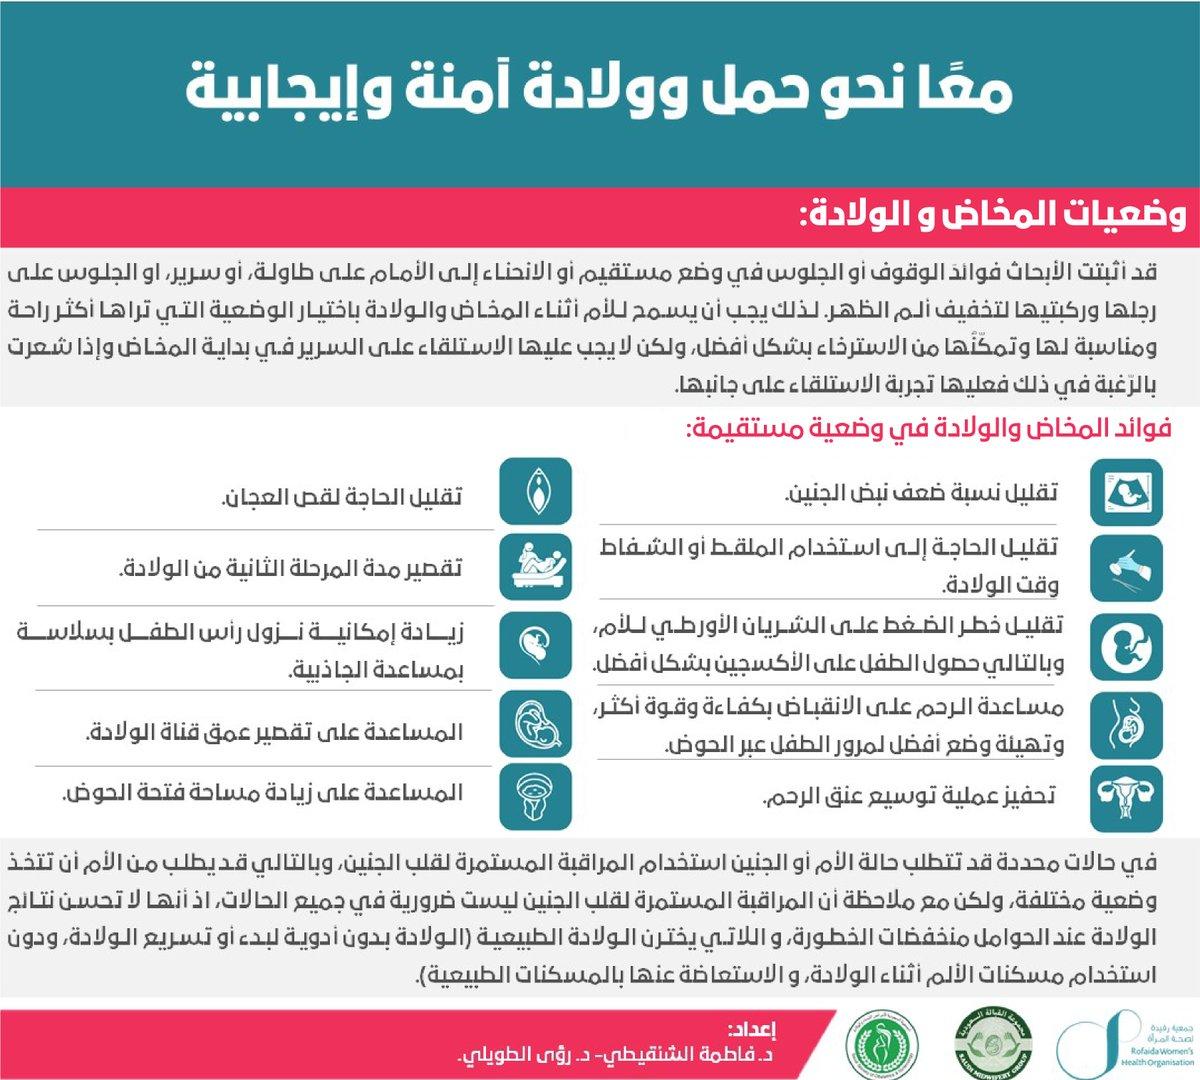 يحق لك:من حقوق المرأة الصحية خلال المخاض هو دعمها لإتخاذ الوضعيات التي من شأنها تخفيف ألم المخاض.  #ليست_كل_ولادة_مهبليه_هي_ولاده_طبيعيه  #نحو_حمل_وولاده_امنه  #نحو_حمل_وولاده_امنه_ايجابيه @drsamia @DrLalibrahim @allmotherscount @tabibuk_m1 @Tufoola @tabebcom7567 @Saudimidwifery